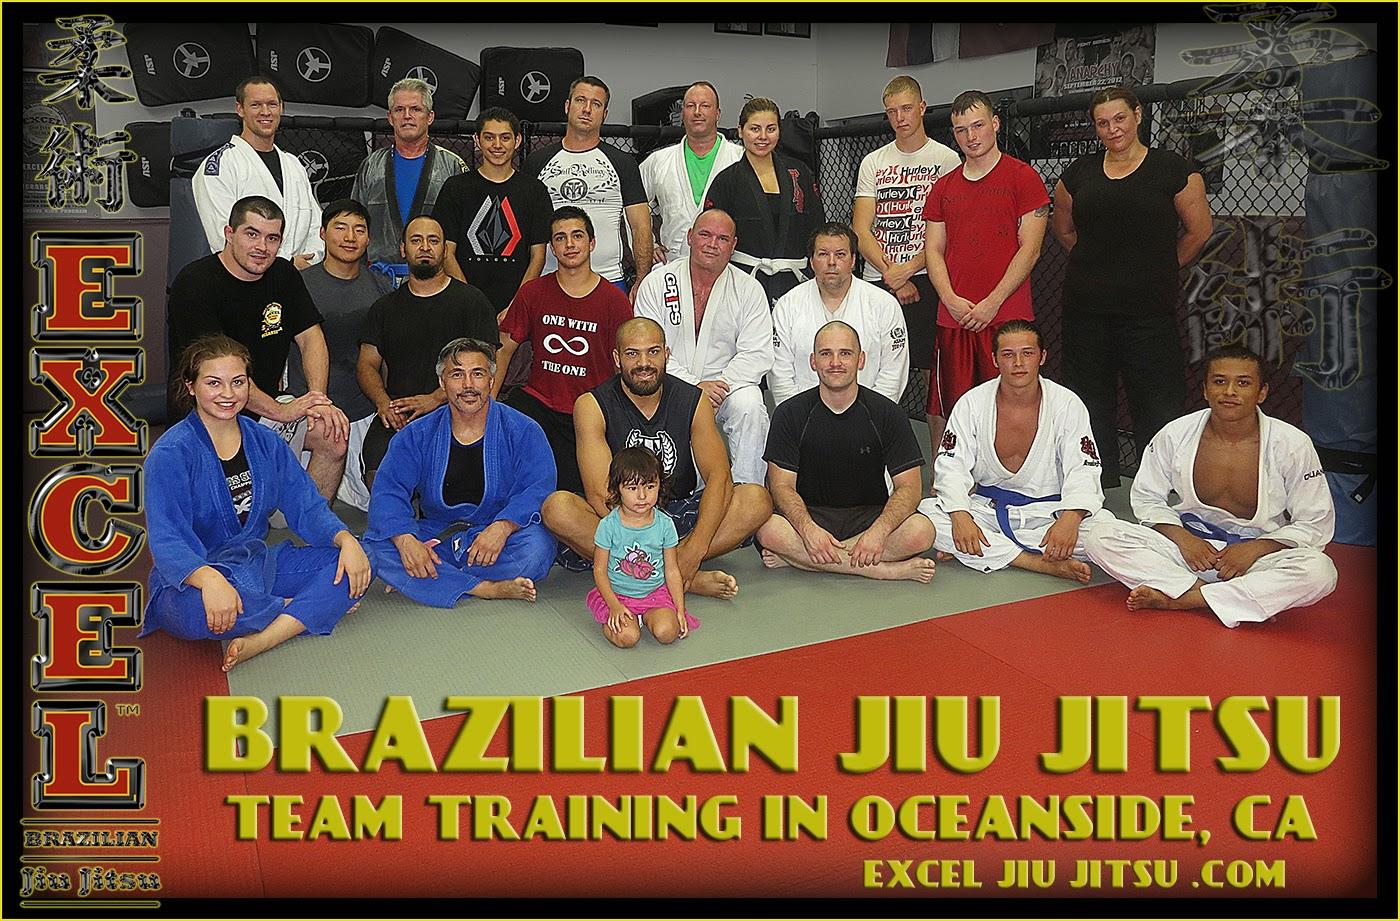 Mixed Martial Arts school Academy teaching Boxing, Wrestling, Jiu Jitsu, Kick Boxing, Karate, Kung Fu  in Oceanside